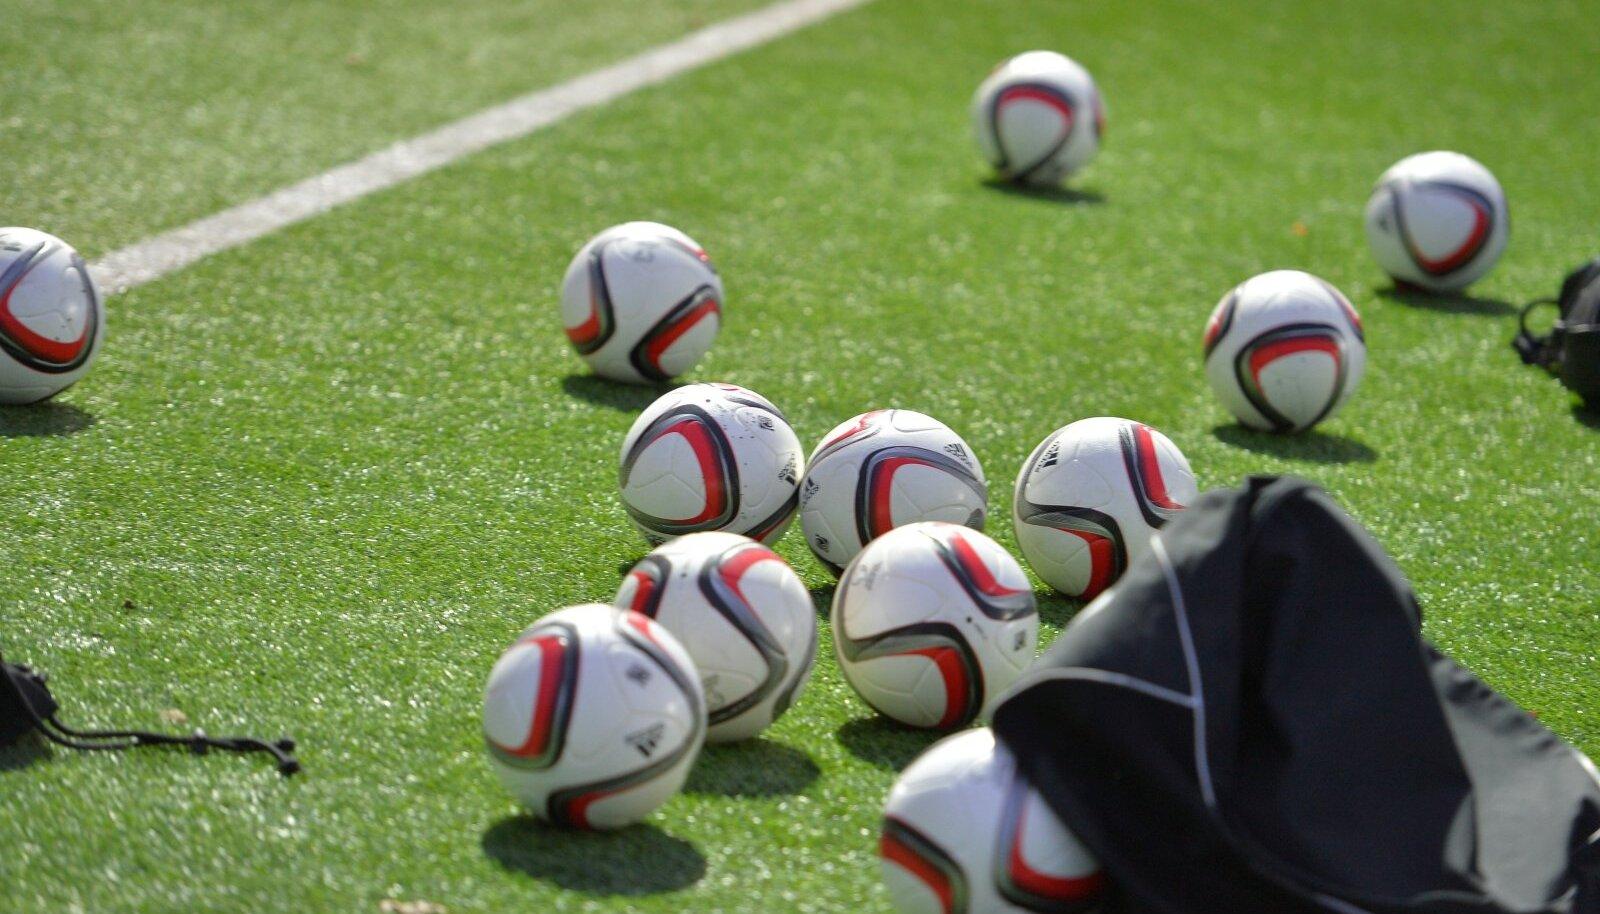 jalgpall, treeningn